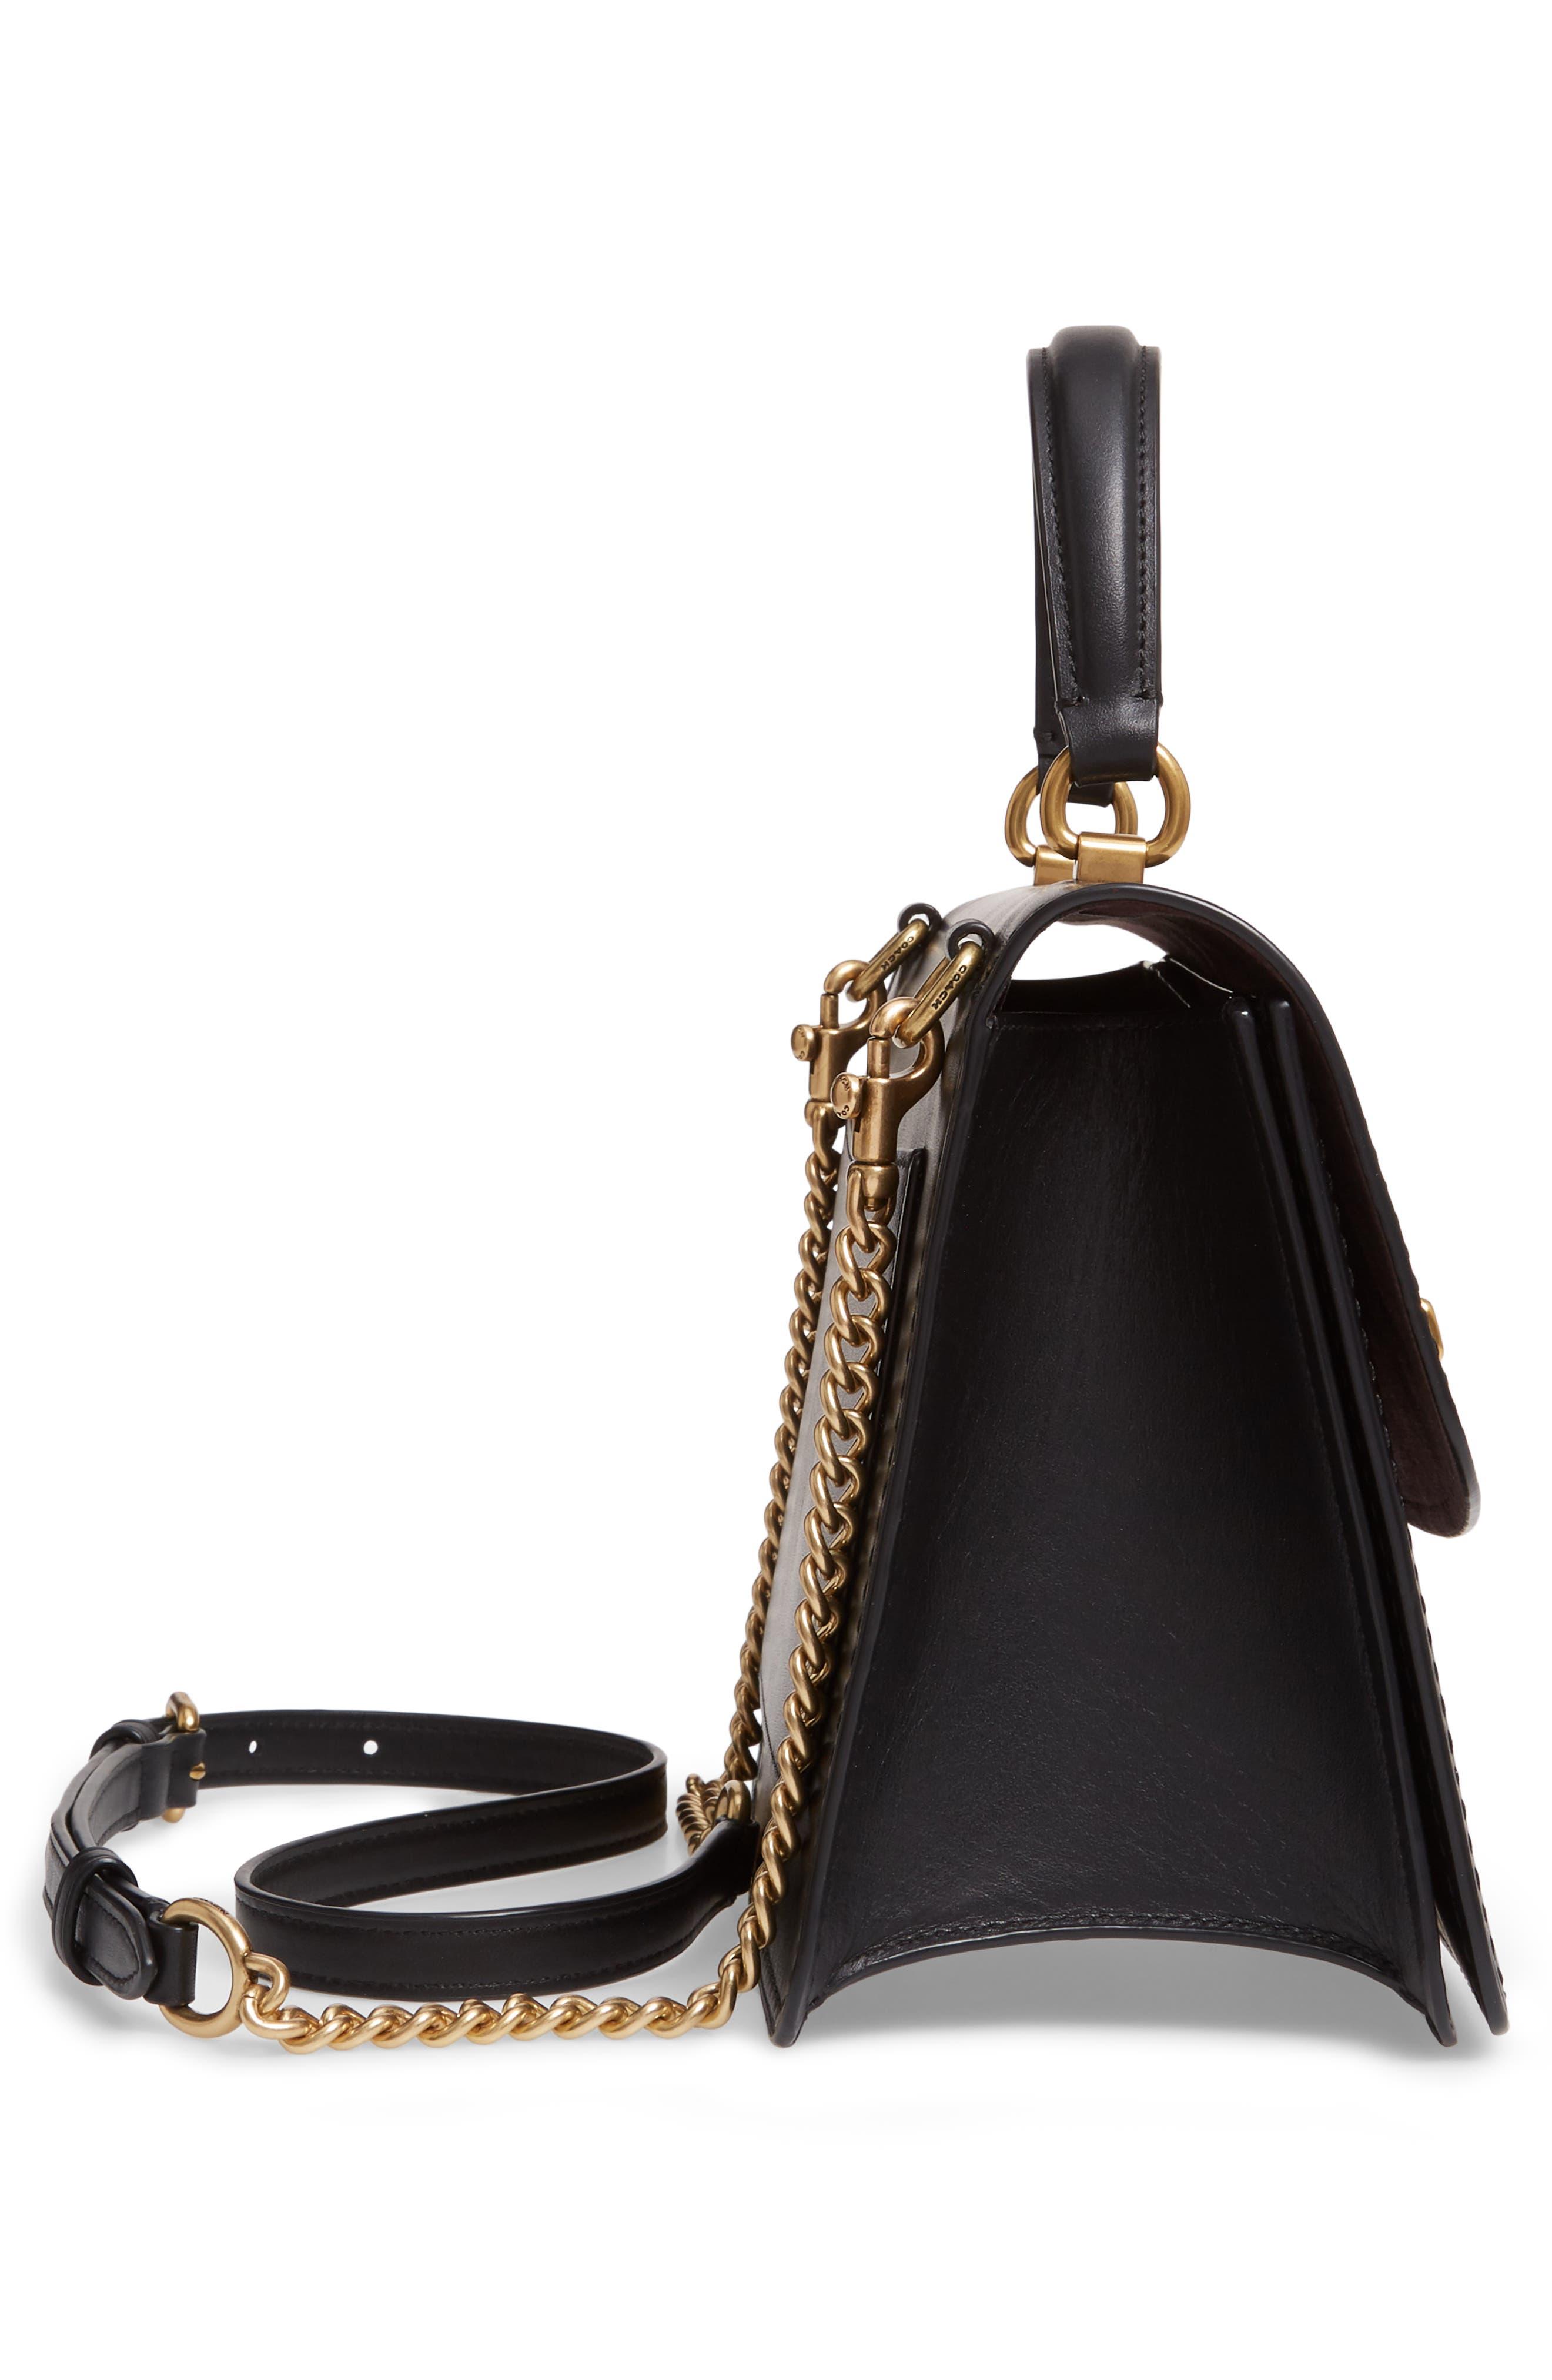 COACH,                             Parker Signature Canvas & Leather Top Handle Shoulder Bag,                             Alternate thumbnail 5, color,                             B4/ BLACK